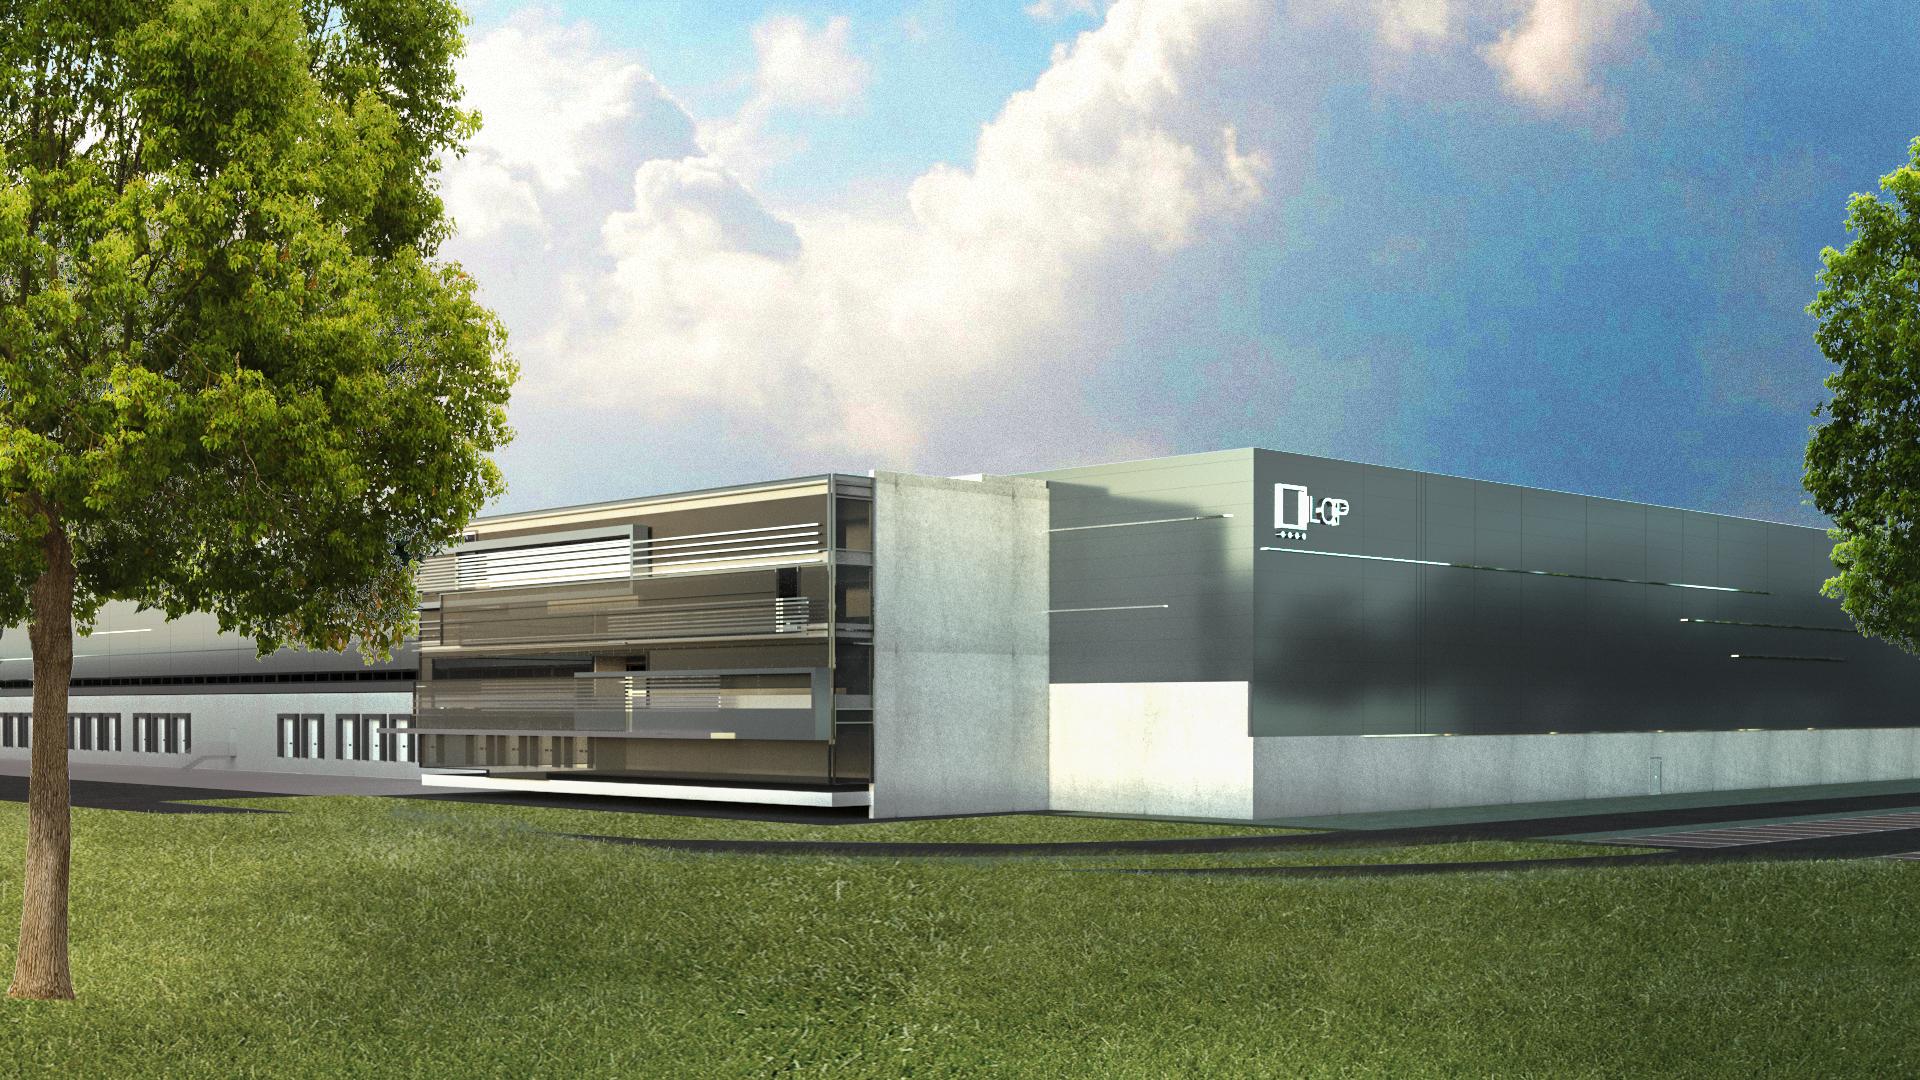 LCP Novara-Edificio C_03 - Trecate XXL logistic park LCP | SQM Real Estate miglior agenzia immobiliare per aziende industria terreni logistica sviluppo immobiliare